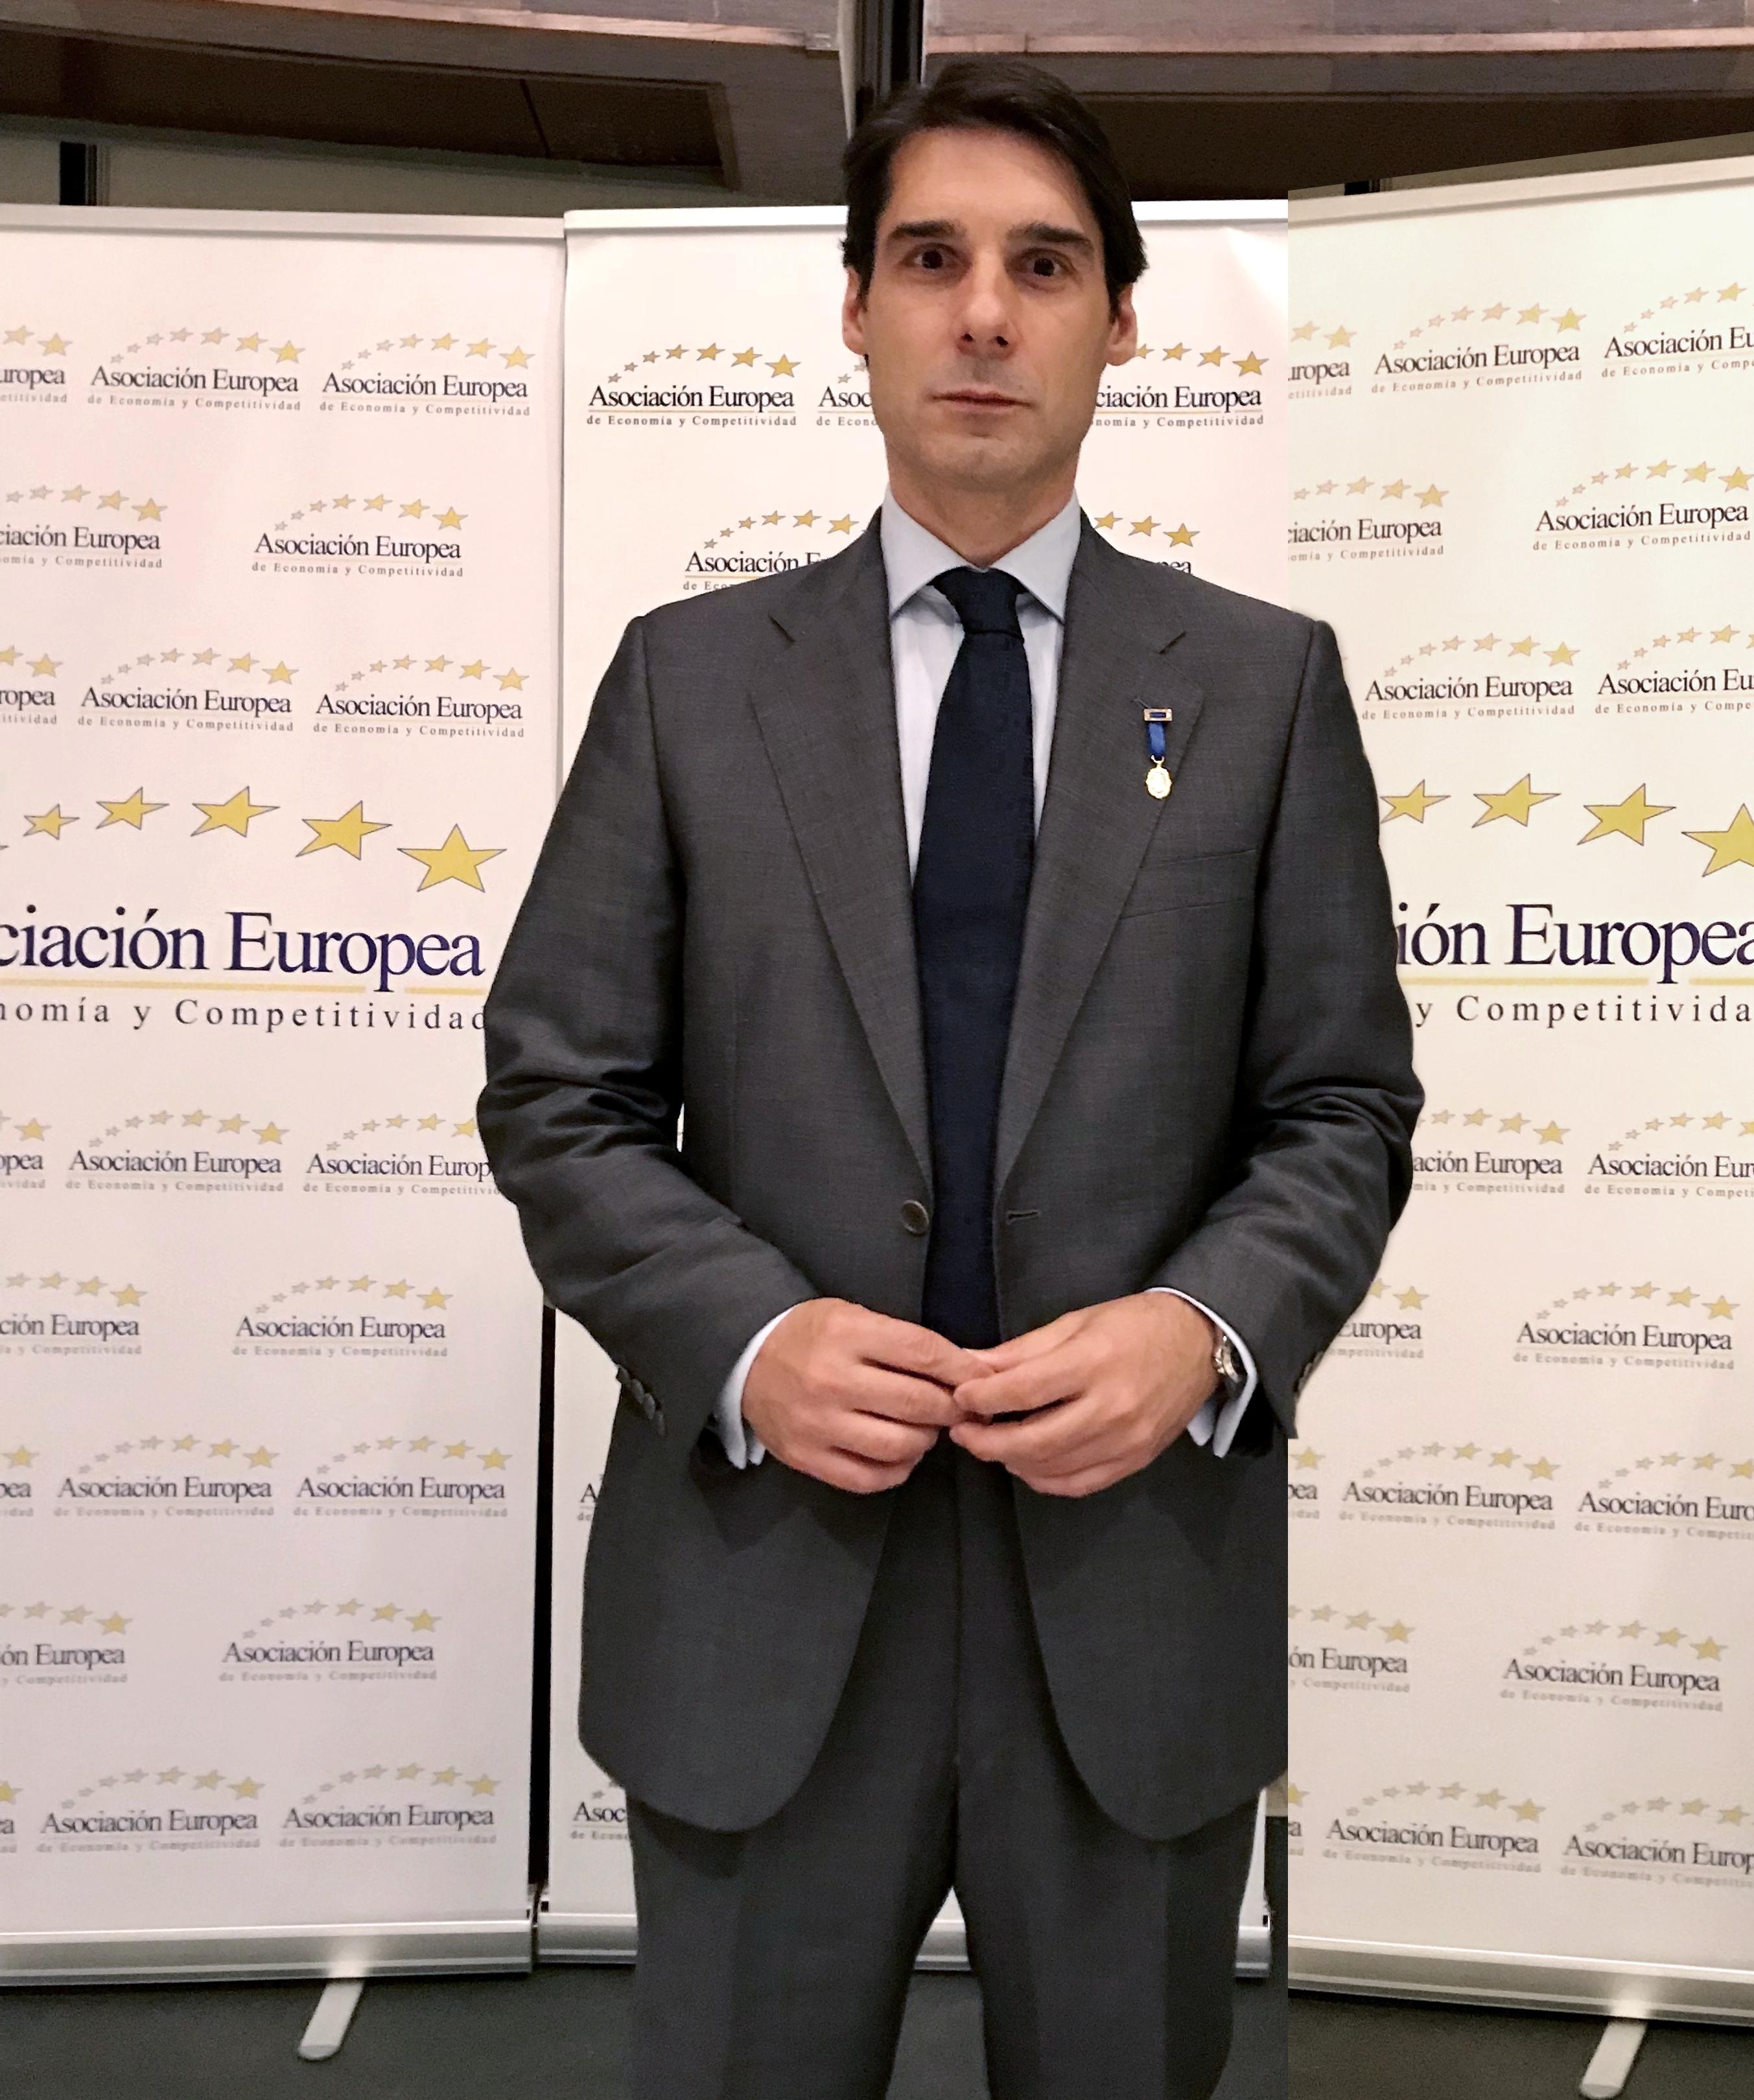 Parnaso recibe la Medalla de Oro Europea al Mérito en el Trabajo - Parnaso